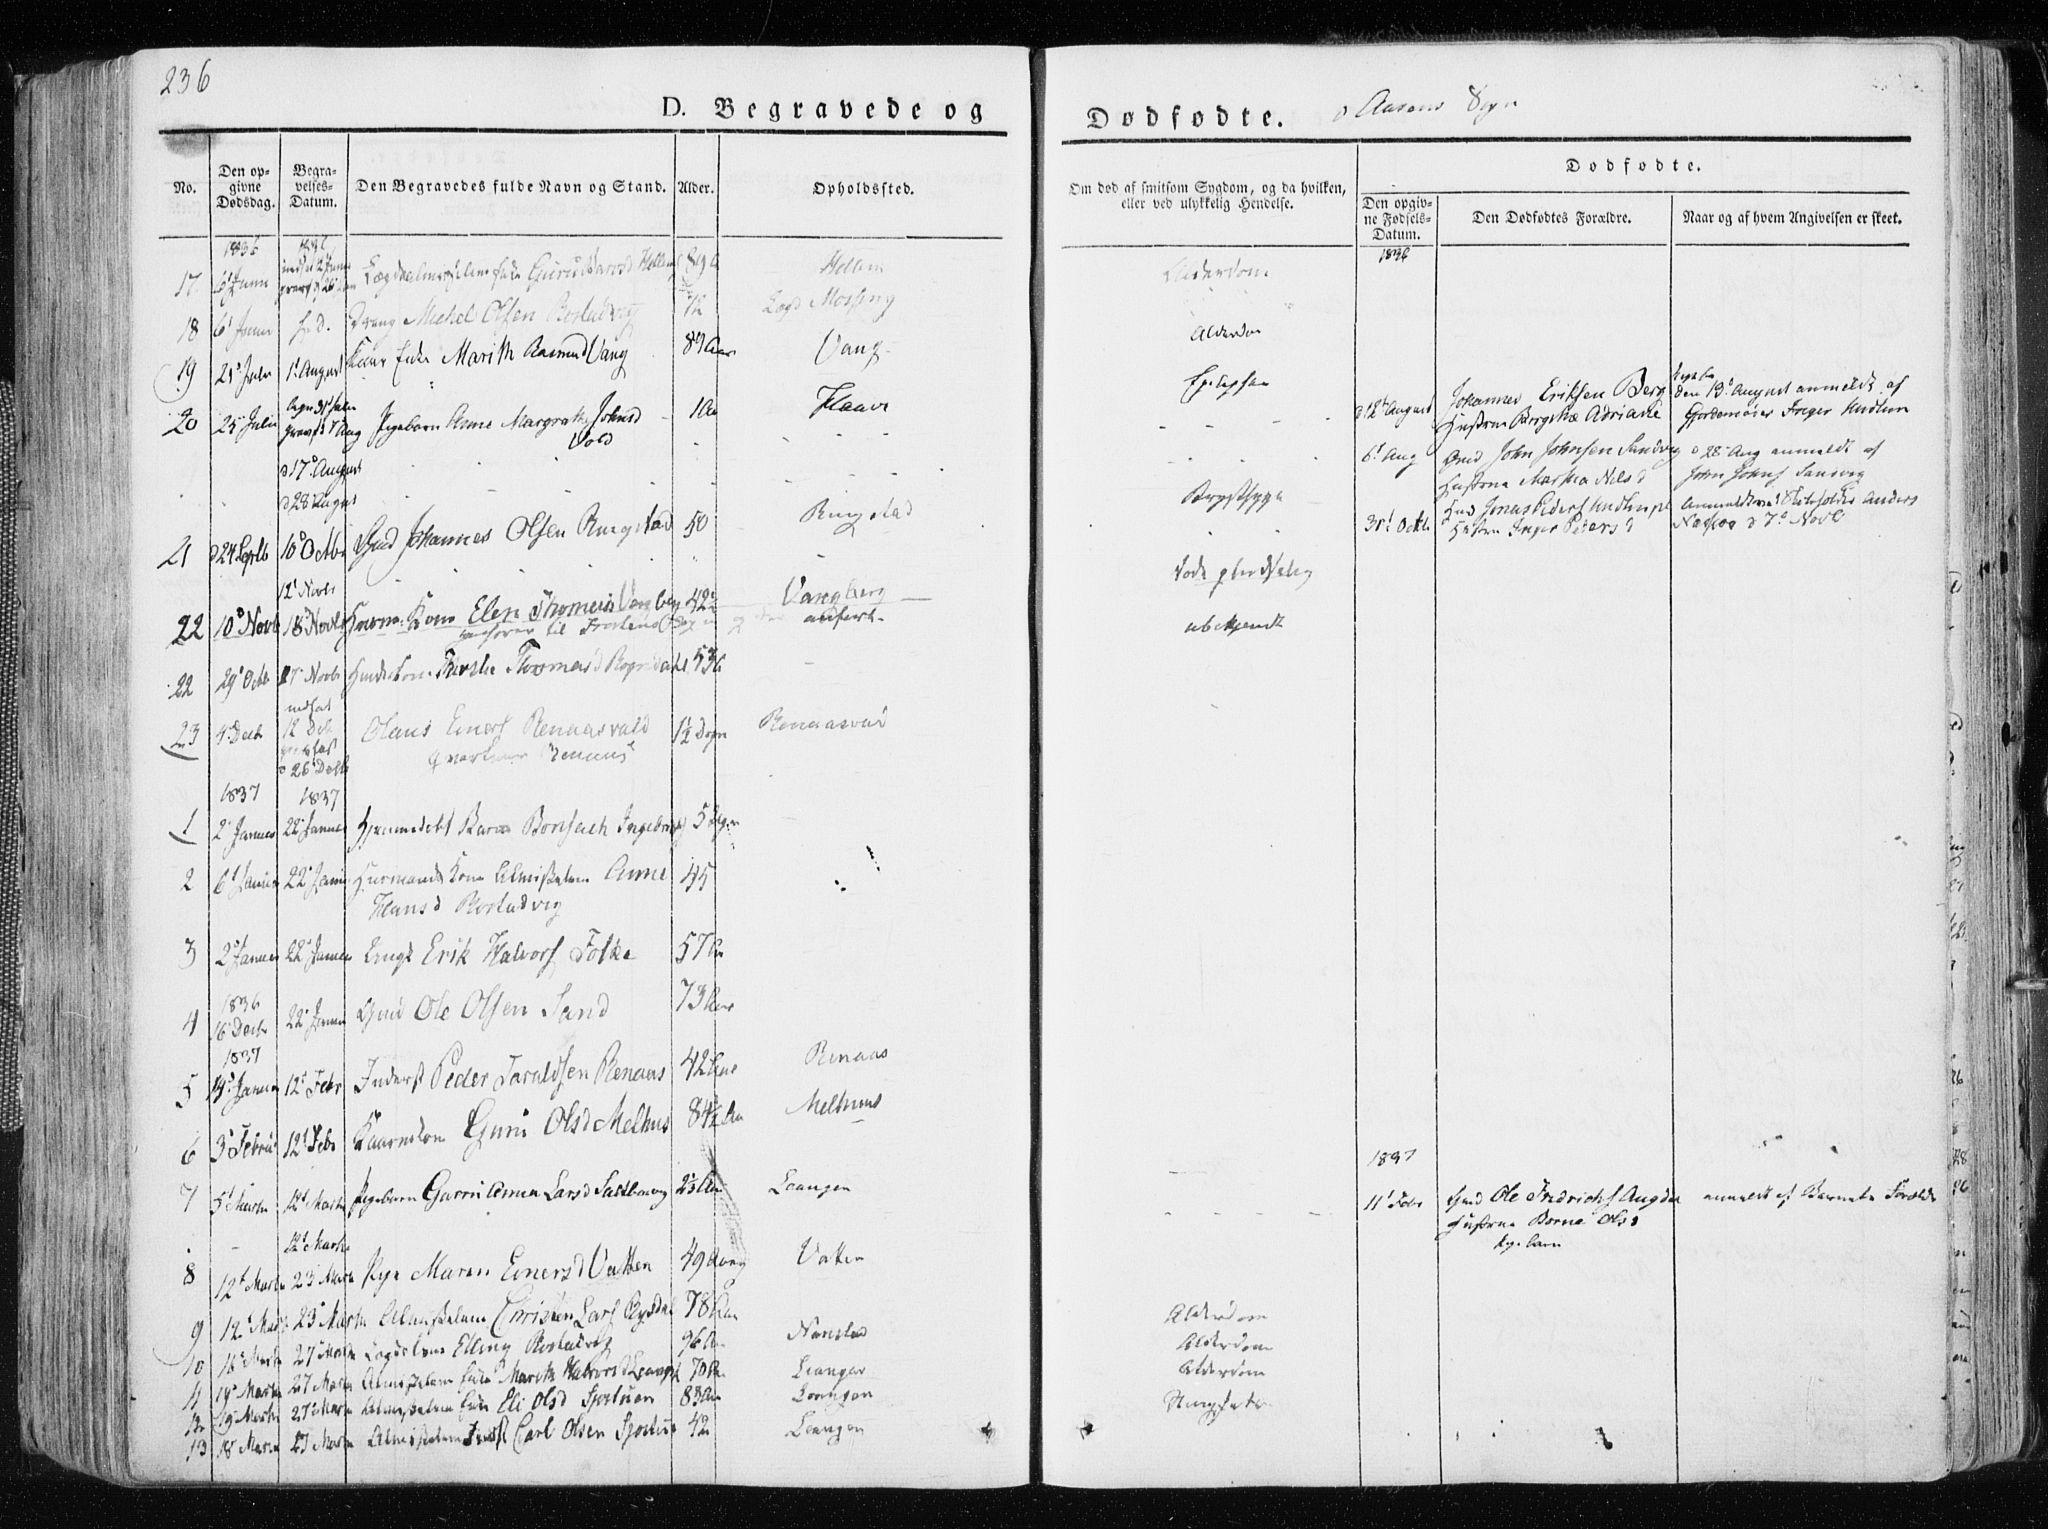 SAT, Ministerialprotokoller, klokkerbøker og fødselsregistre - Nord-Trøndelag, 713/L0114: Ministerialbok nr. 713A05, 1827-1839, s. 236